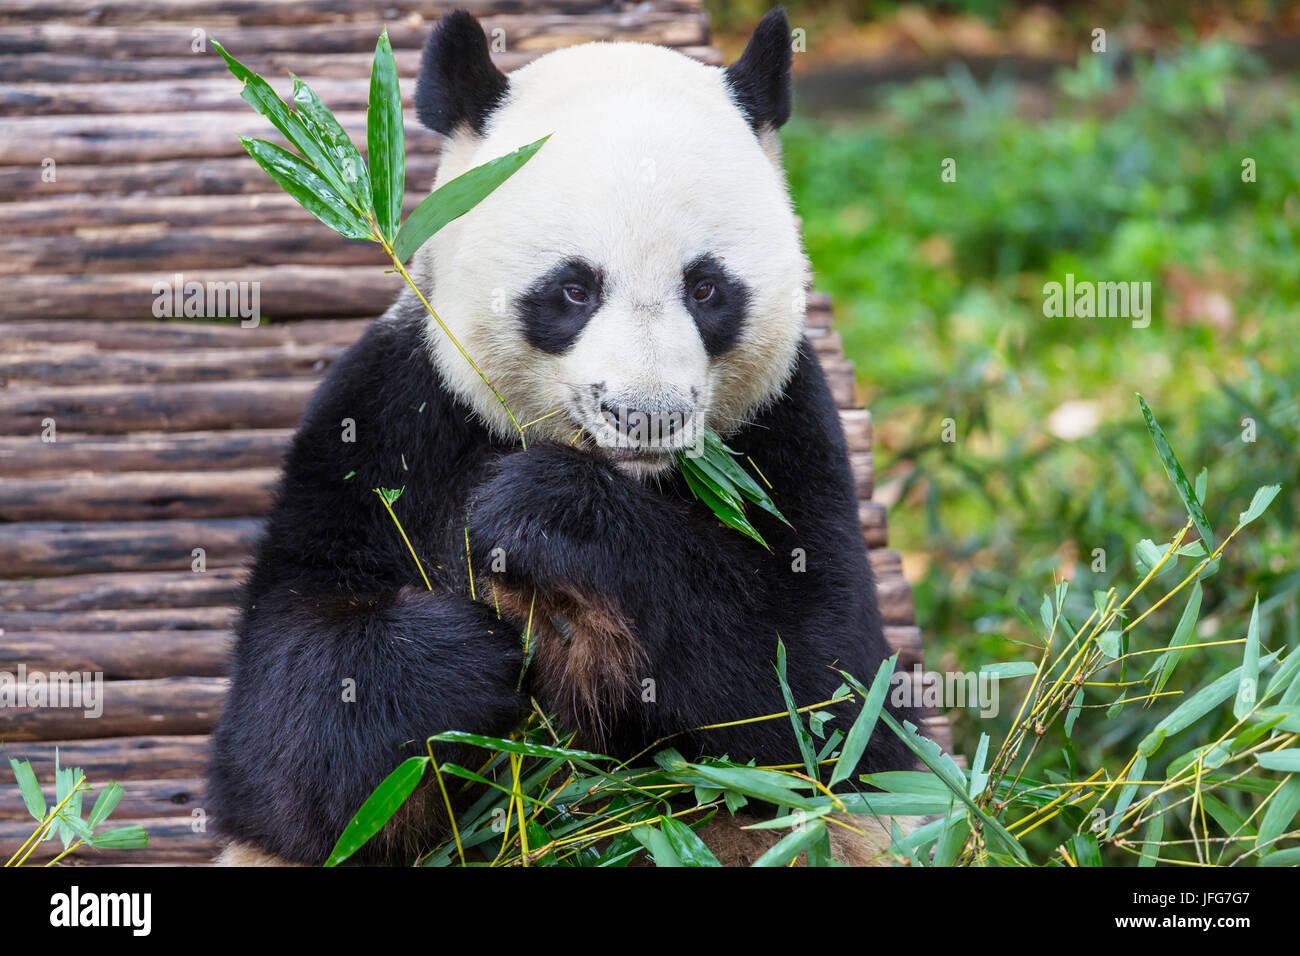 Panda Banque D'Images